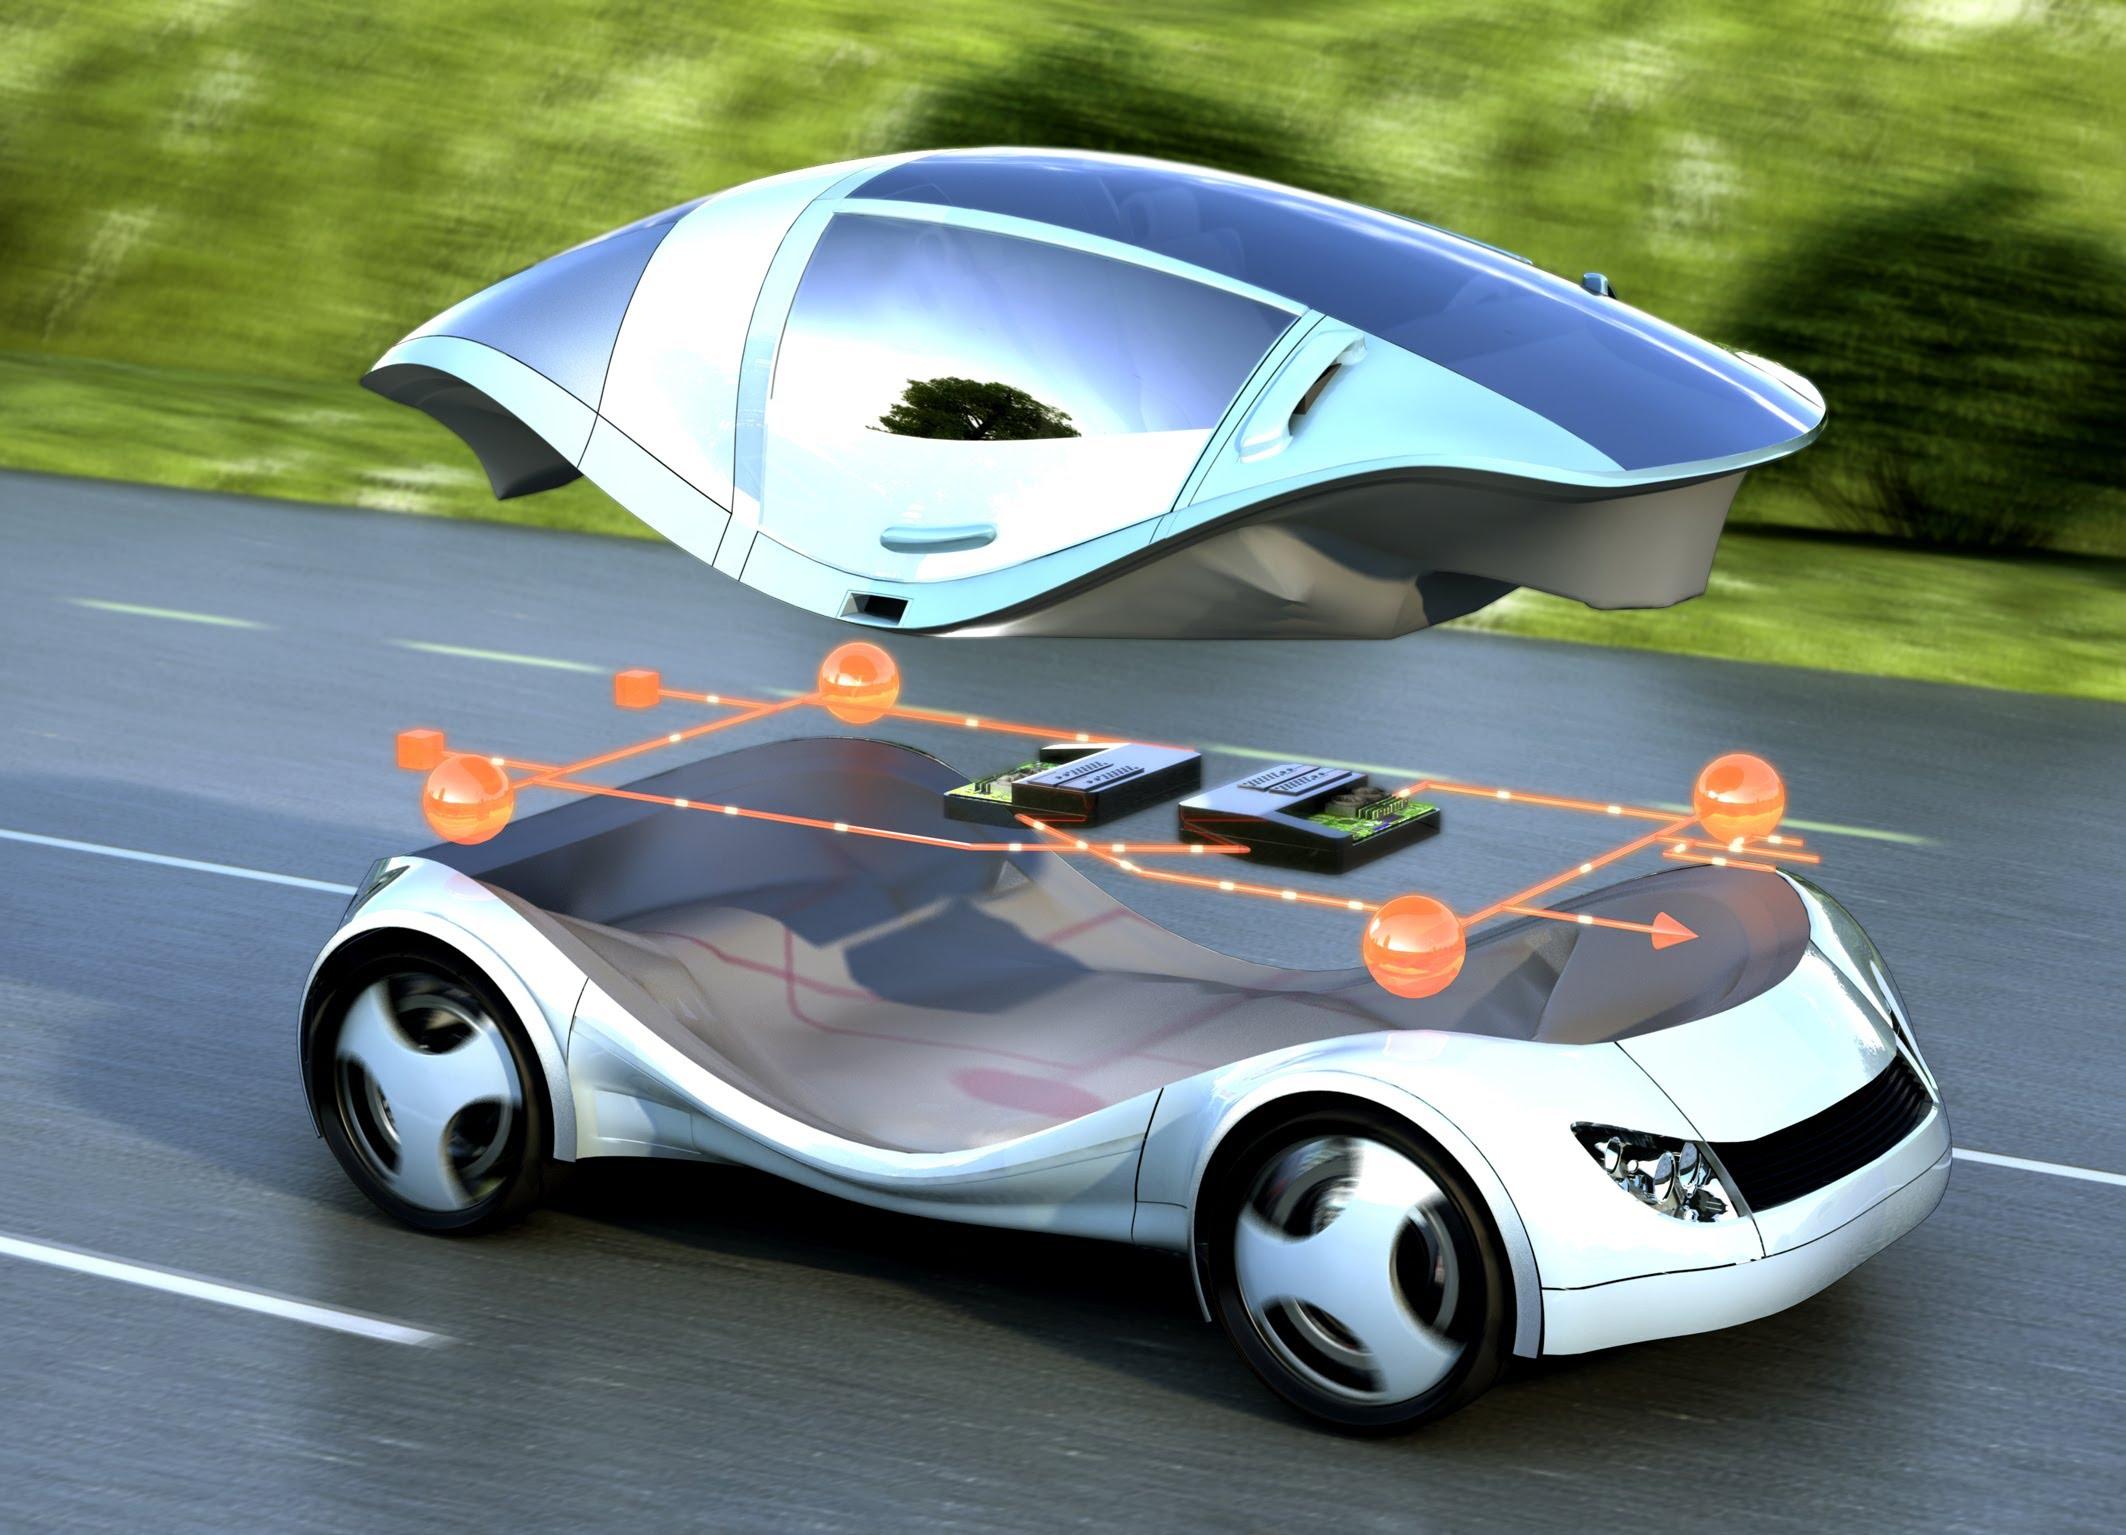 福特汽车正在中国市场押注新一代的智能汽车.福特相信新高清图片